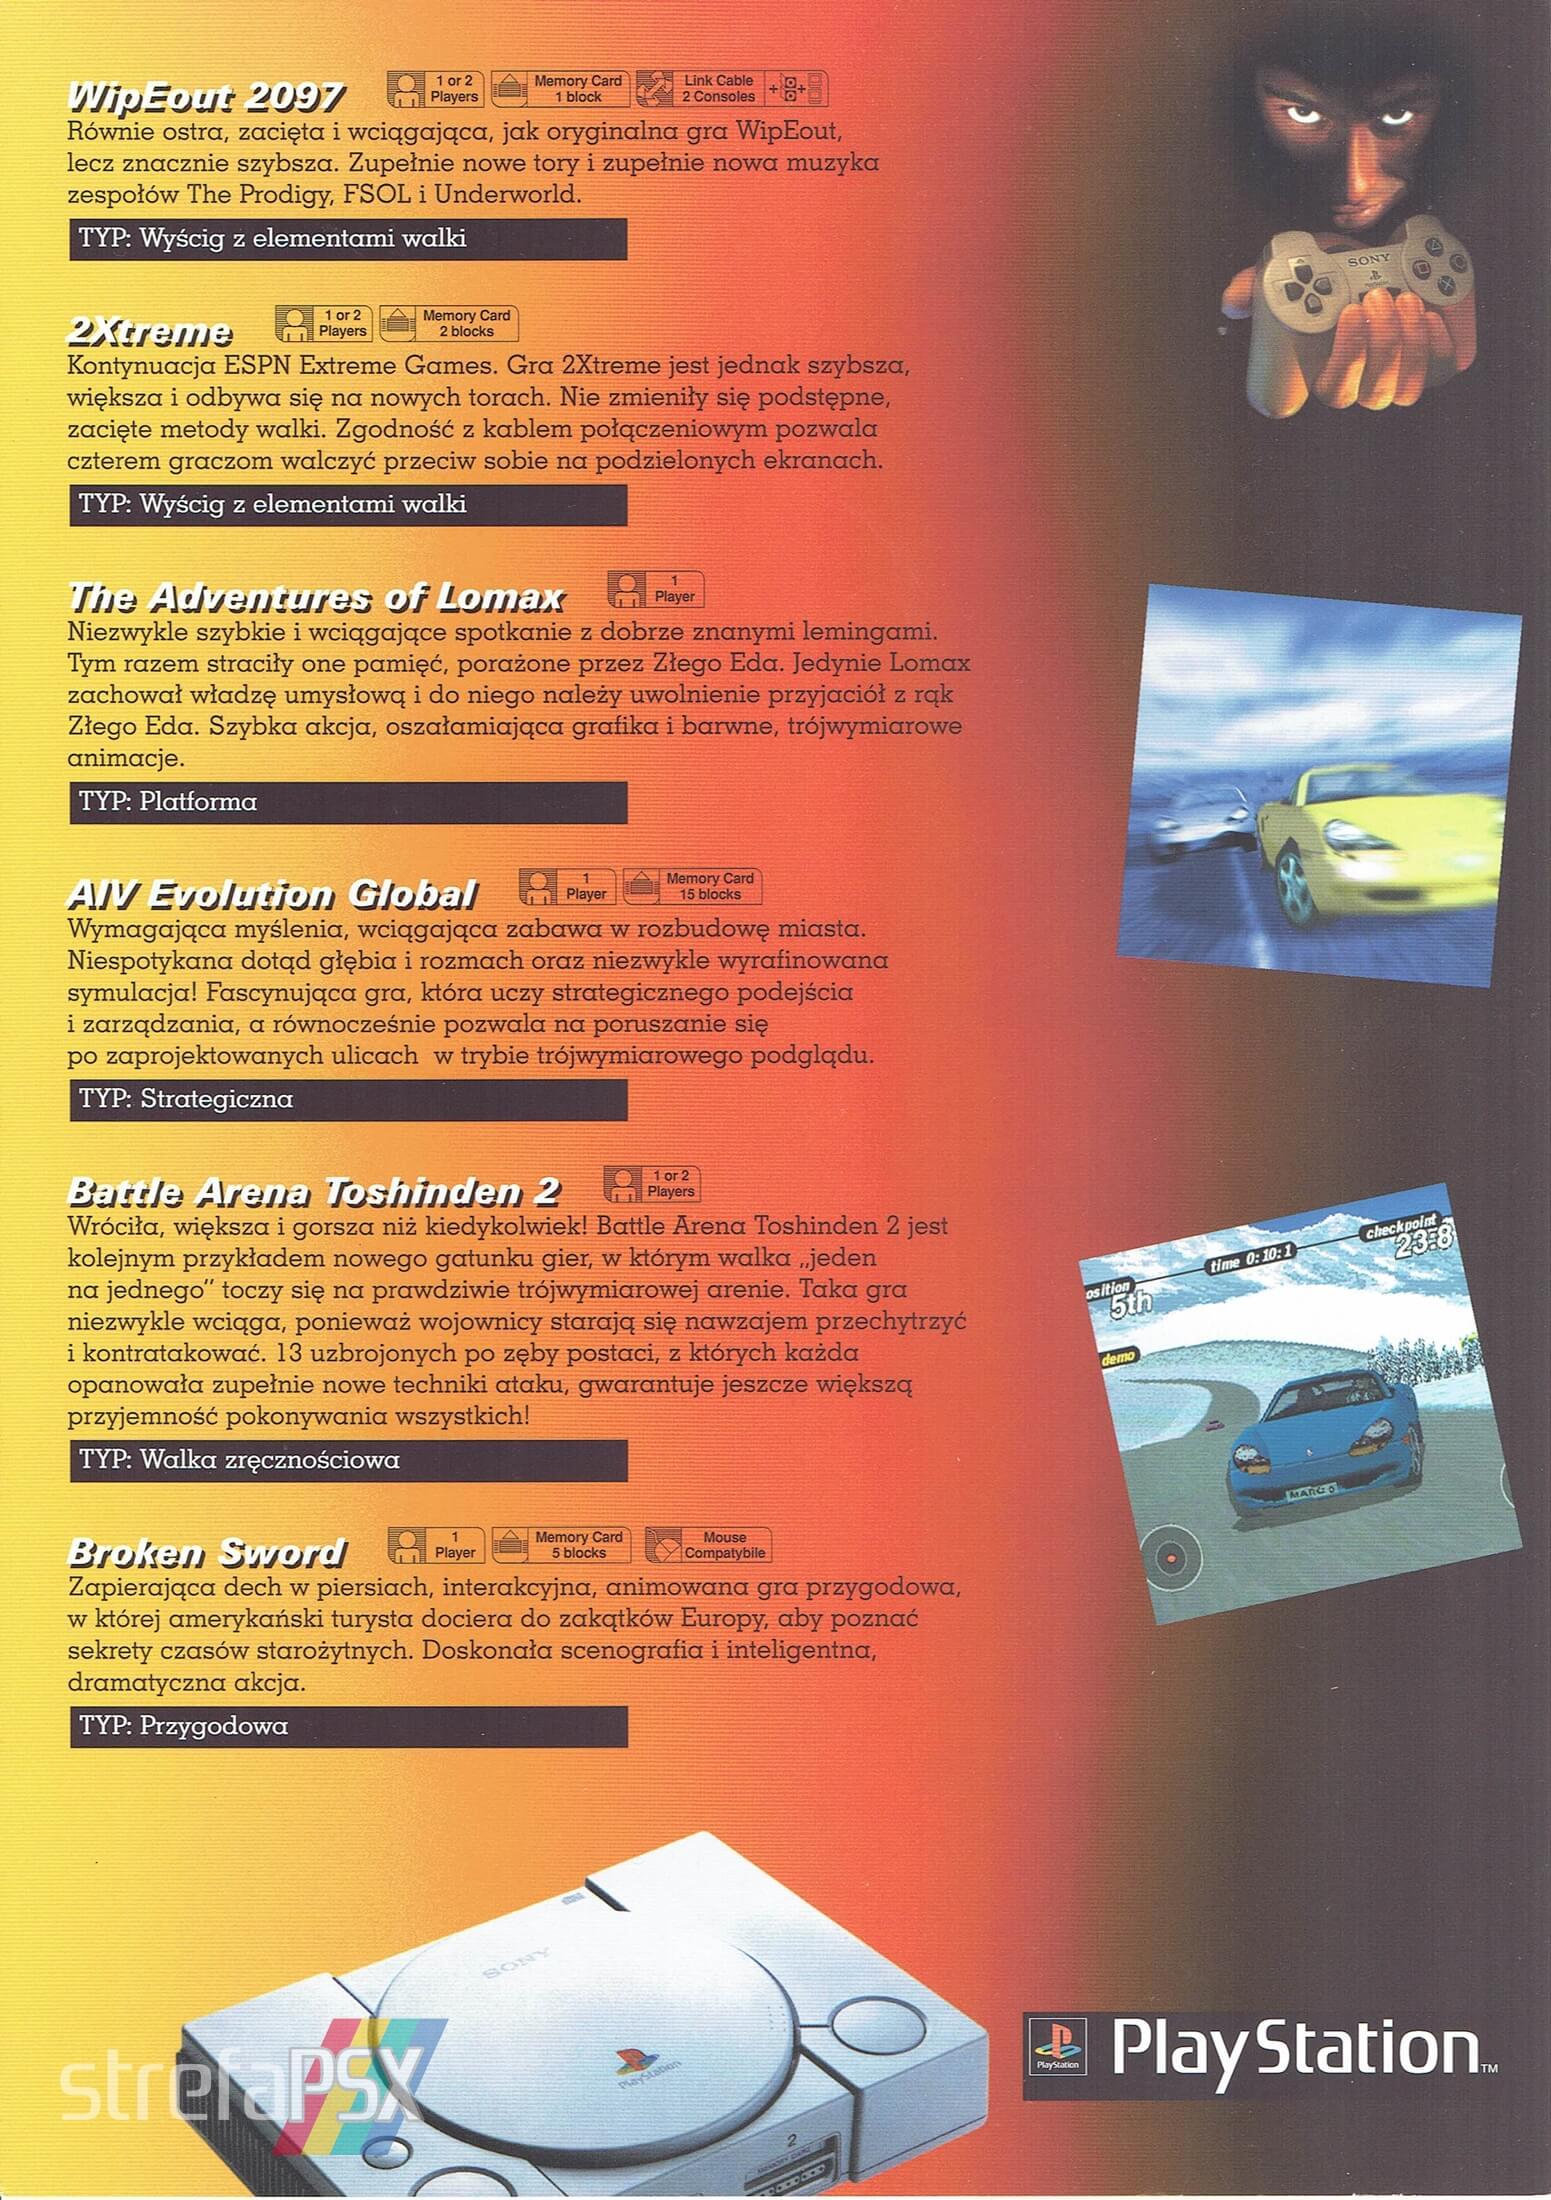 broszura reklamowa psx 12 - Broszury reklamowe PlayStation z dawnych lat